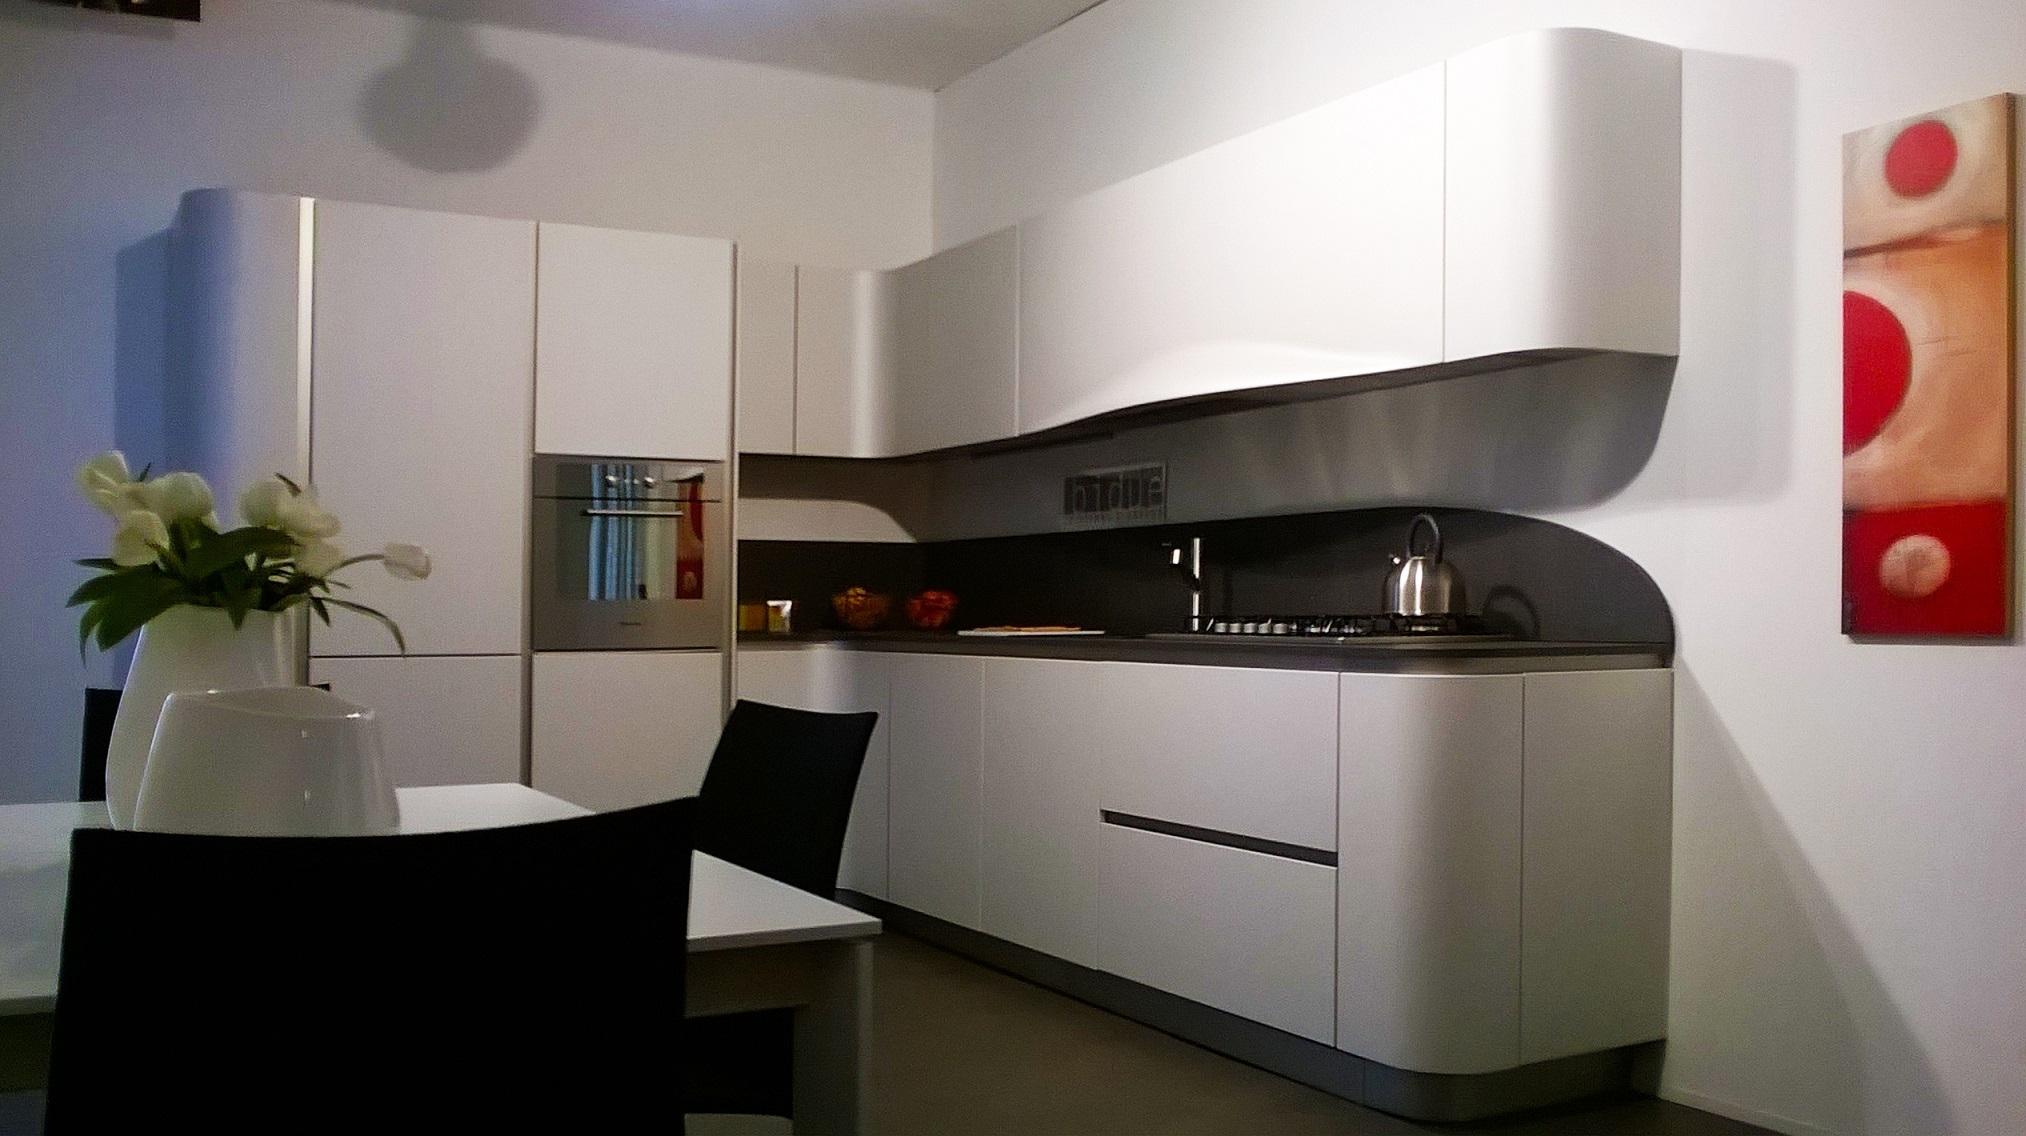 Cucina Ola Snaidero ~ Idea del Concetto di Interior Design, Mobili ...